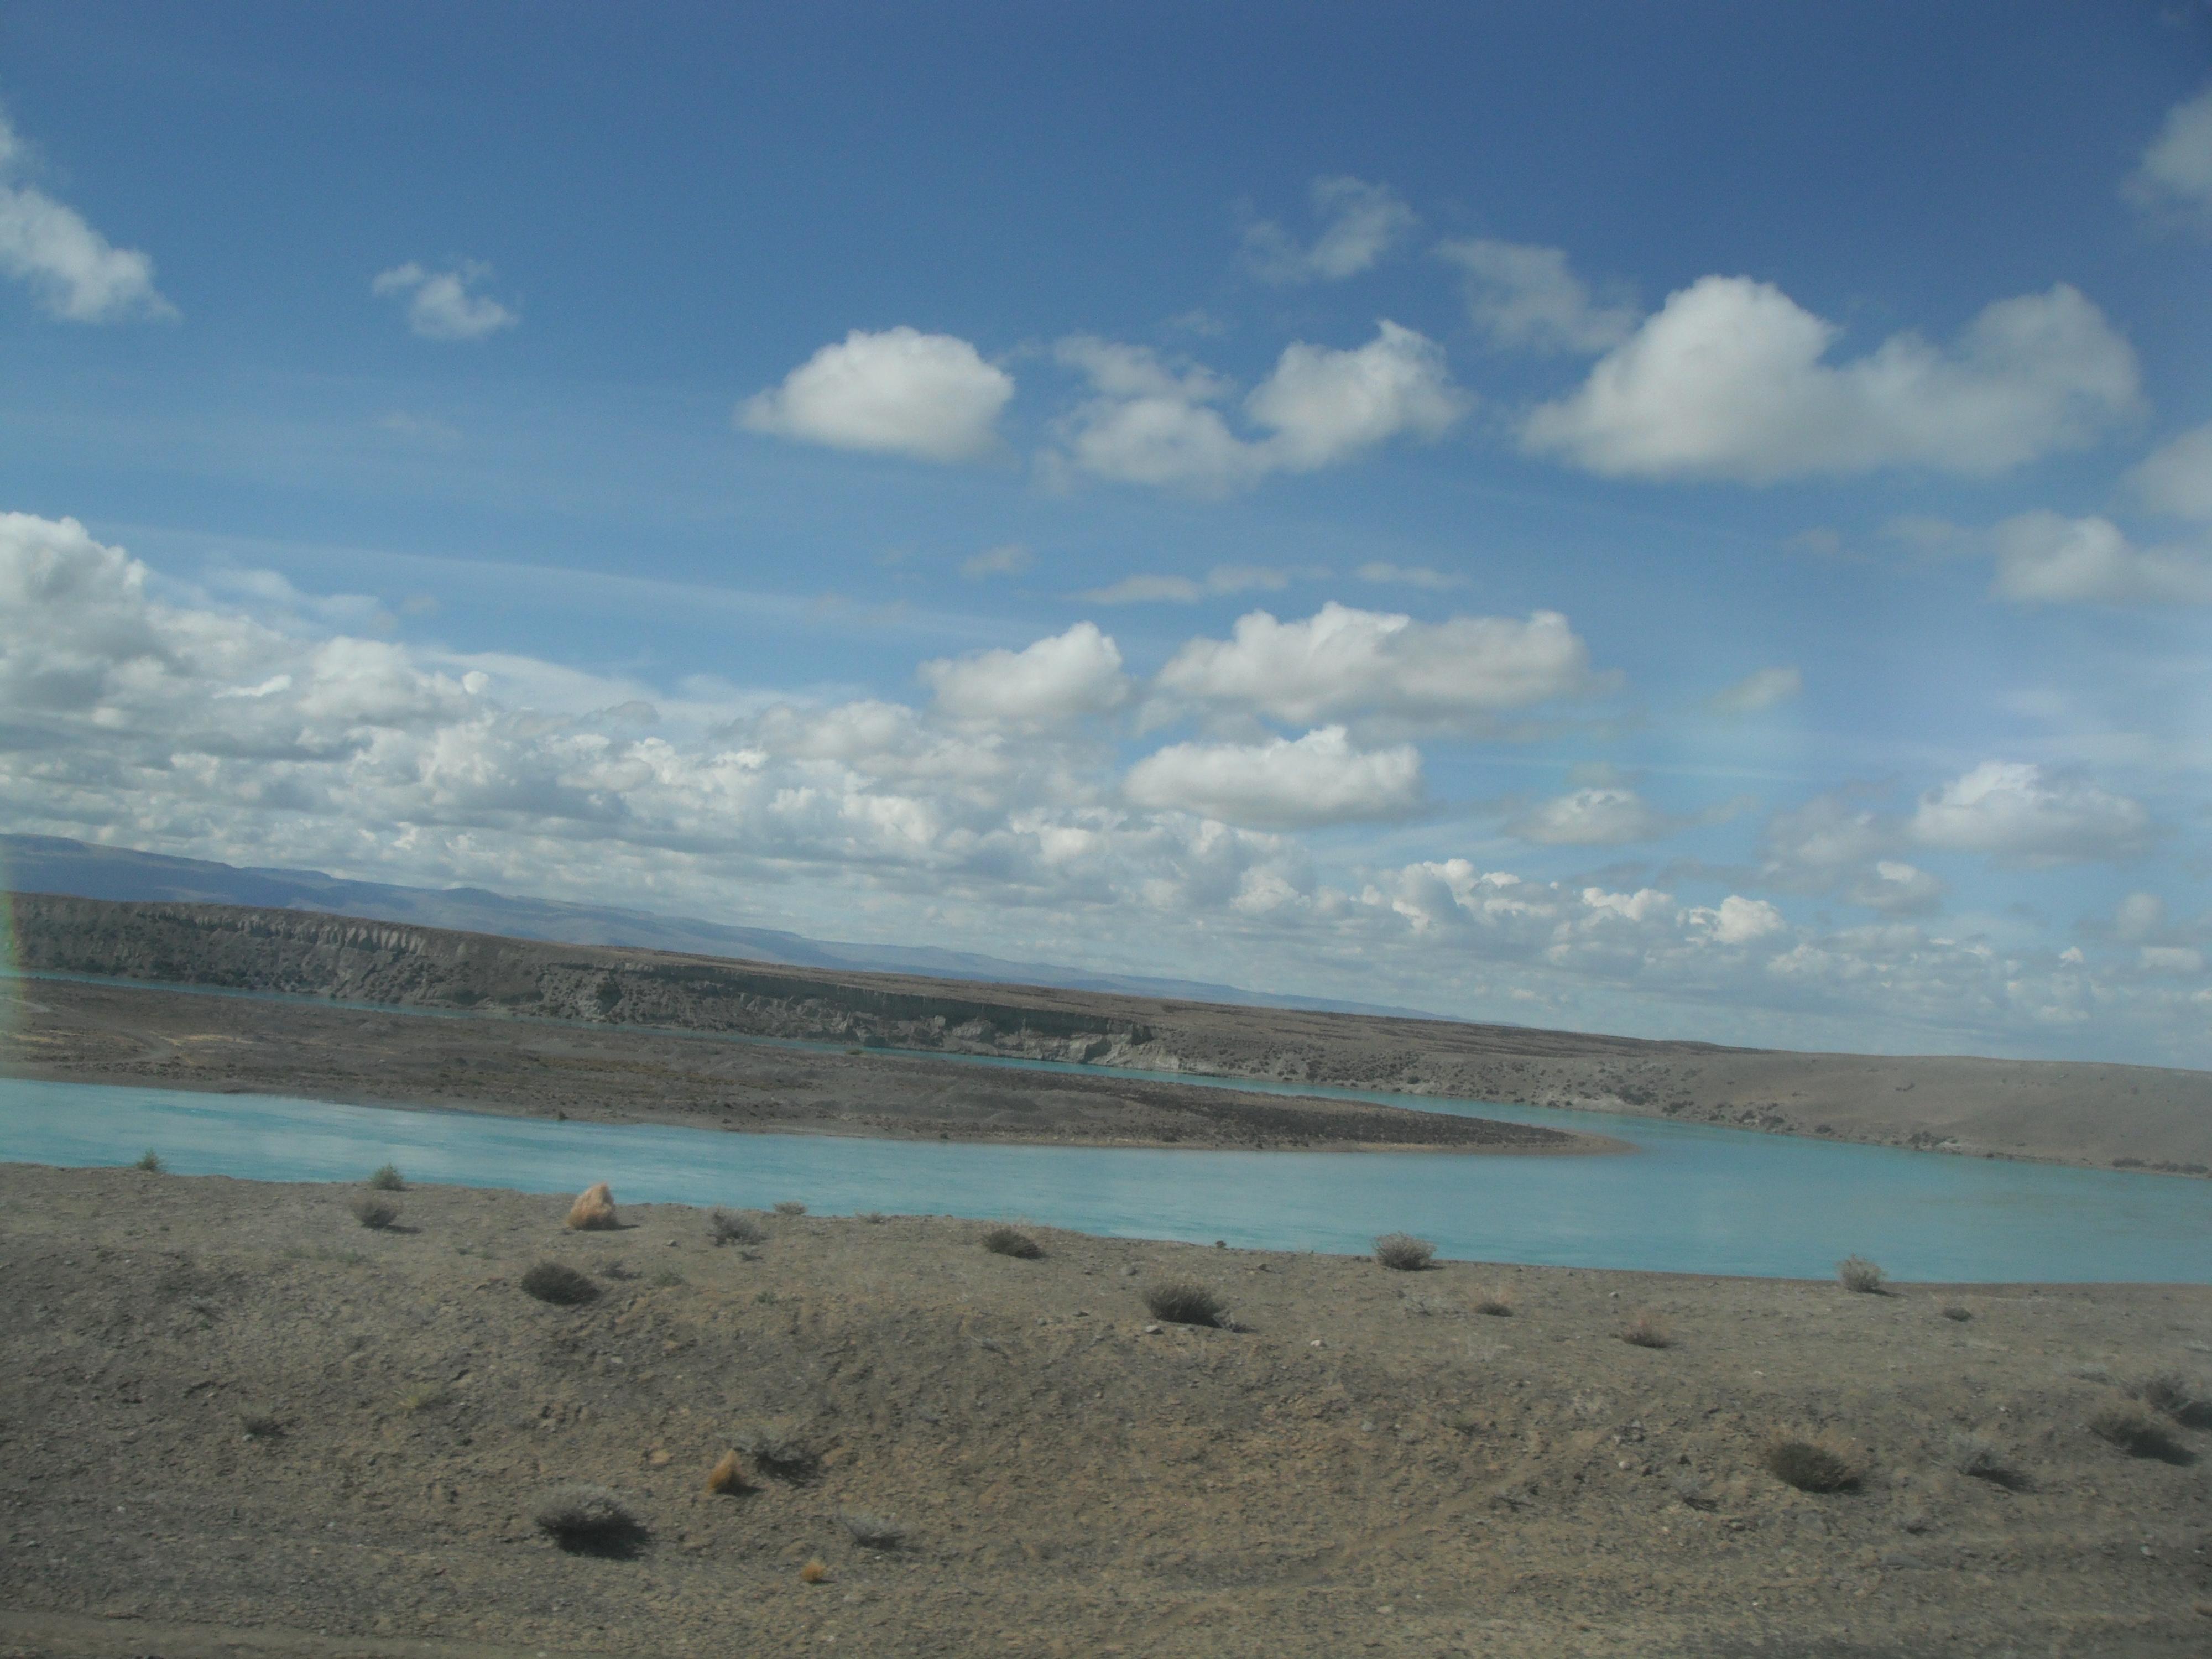 Аргентина, Патагония.Долина реки Леона 28.02.2012